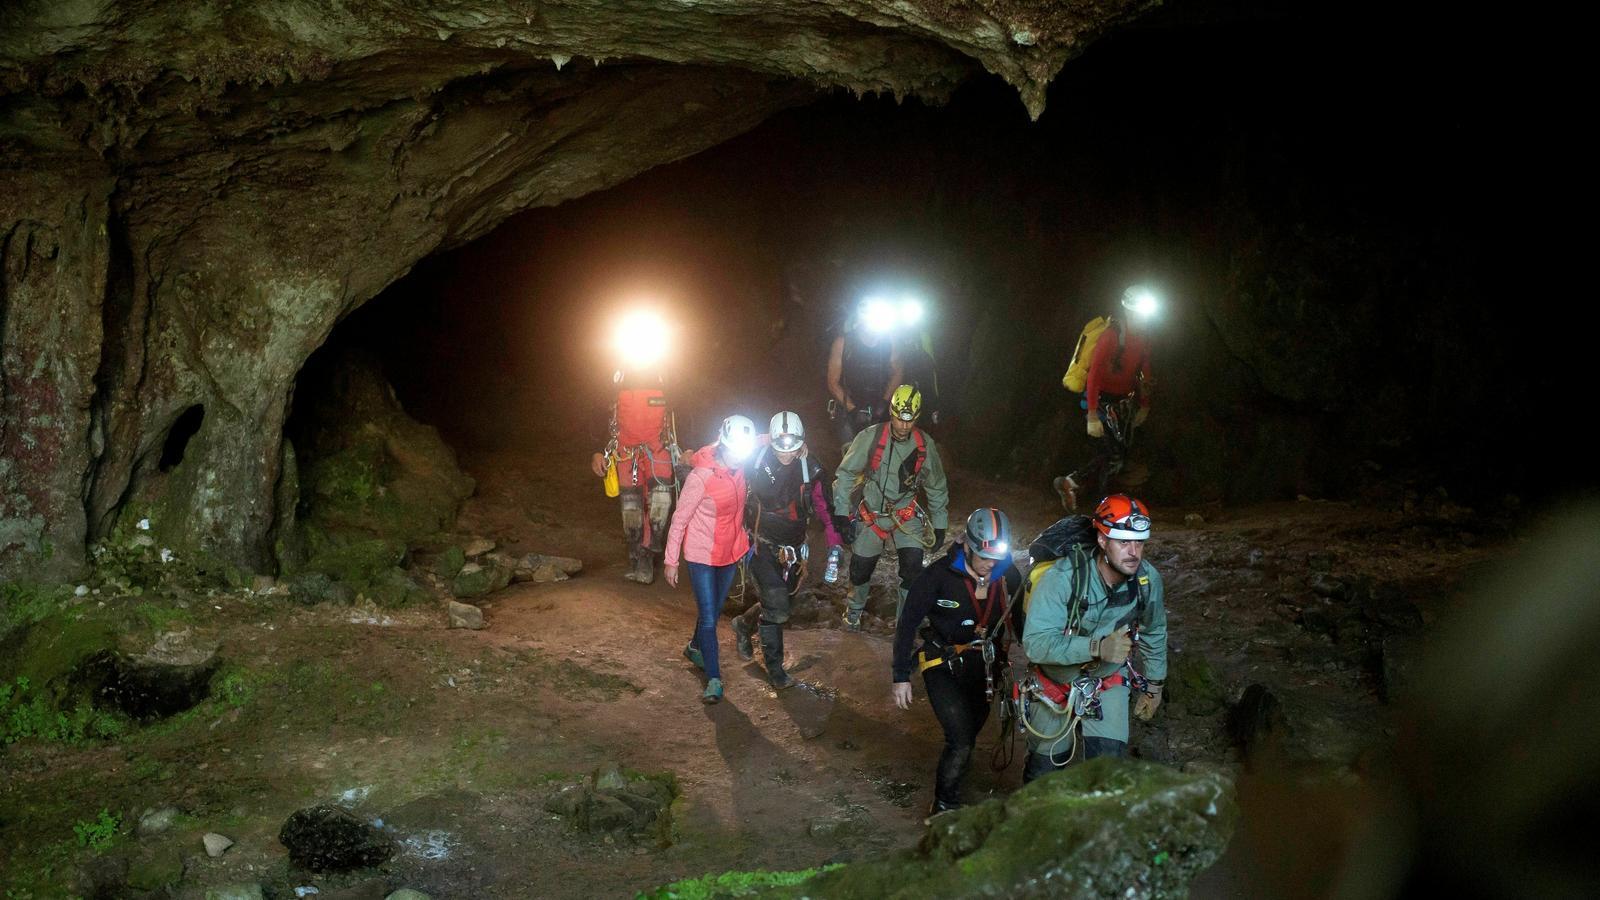 Les trets espeleòlogues van sortir de la cova pel seu propi peu